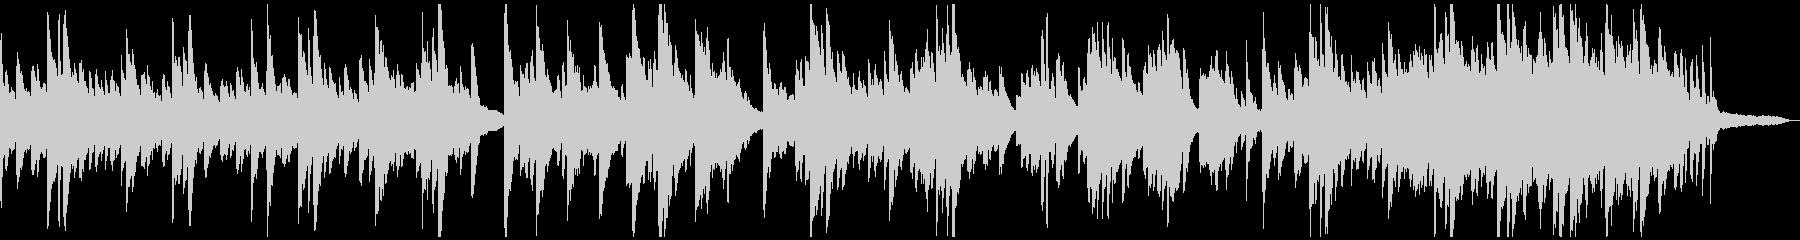 メランコリックで柔らかいピアノのソ...の未再生の波形